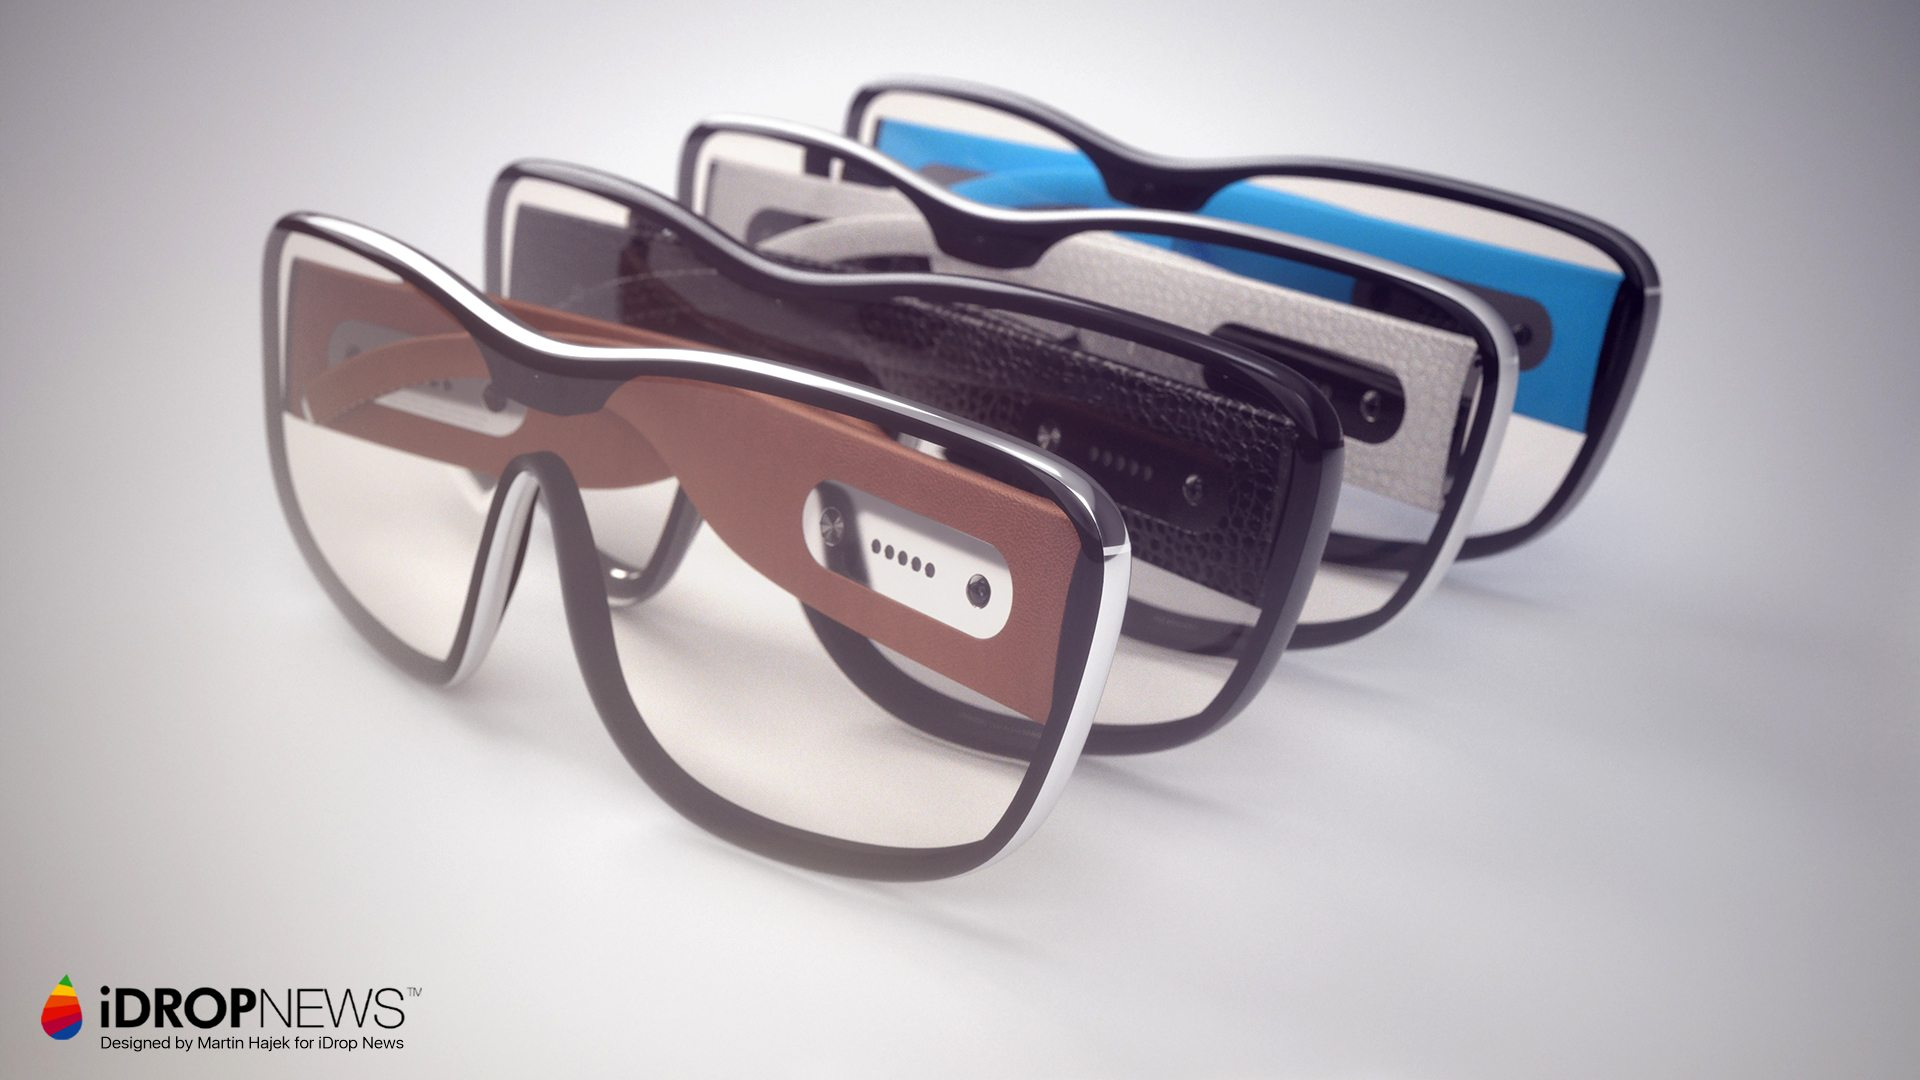 Apple-Glass-AR-Glasses-iDrop-News-x-Martin-Hajek-5jpg